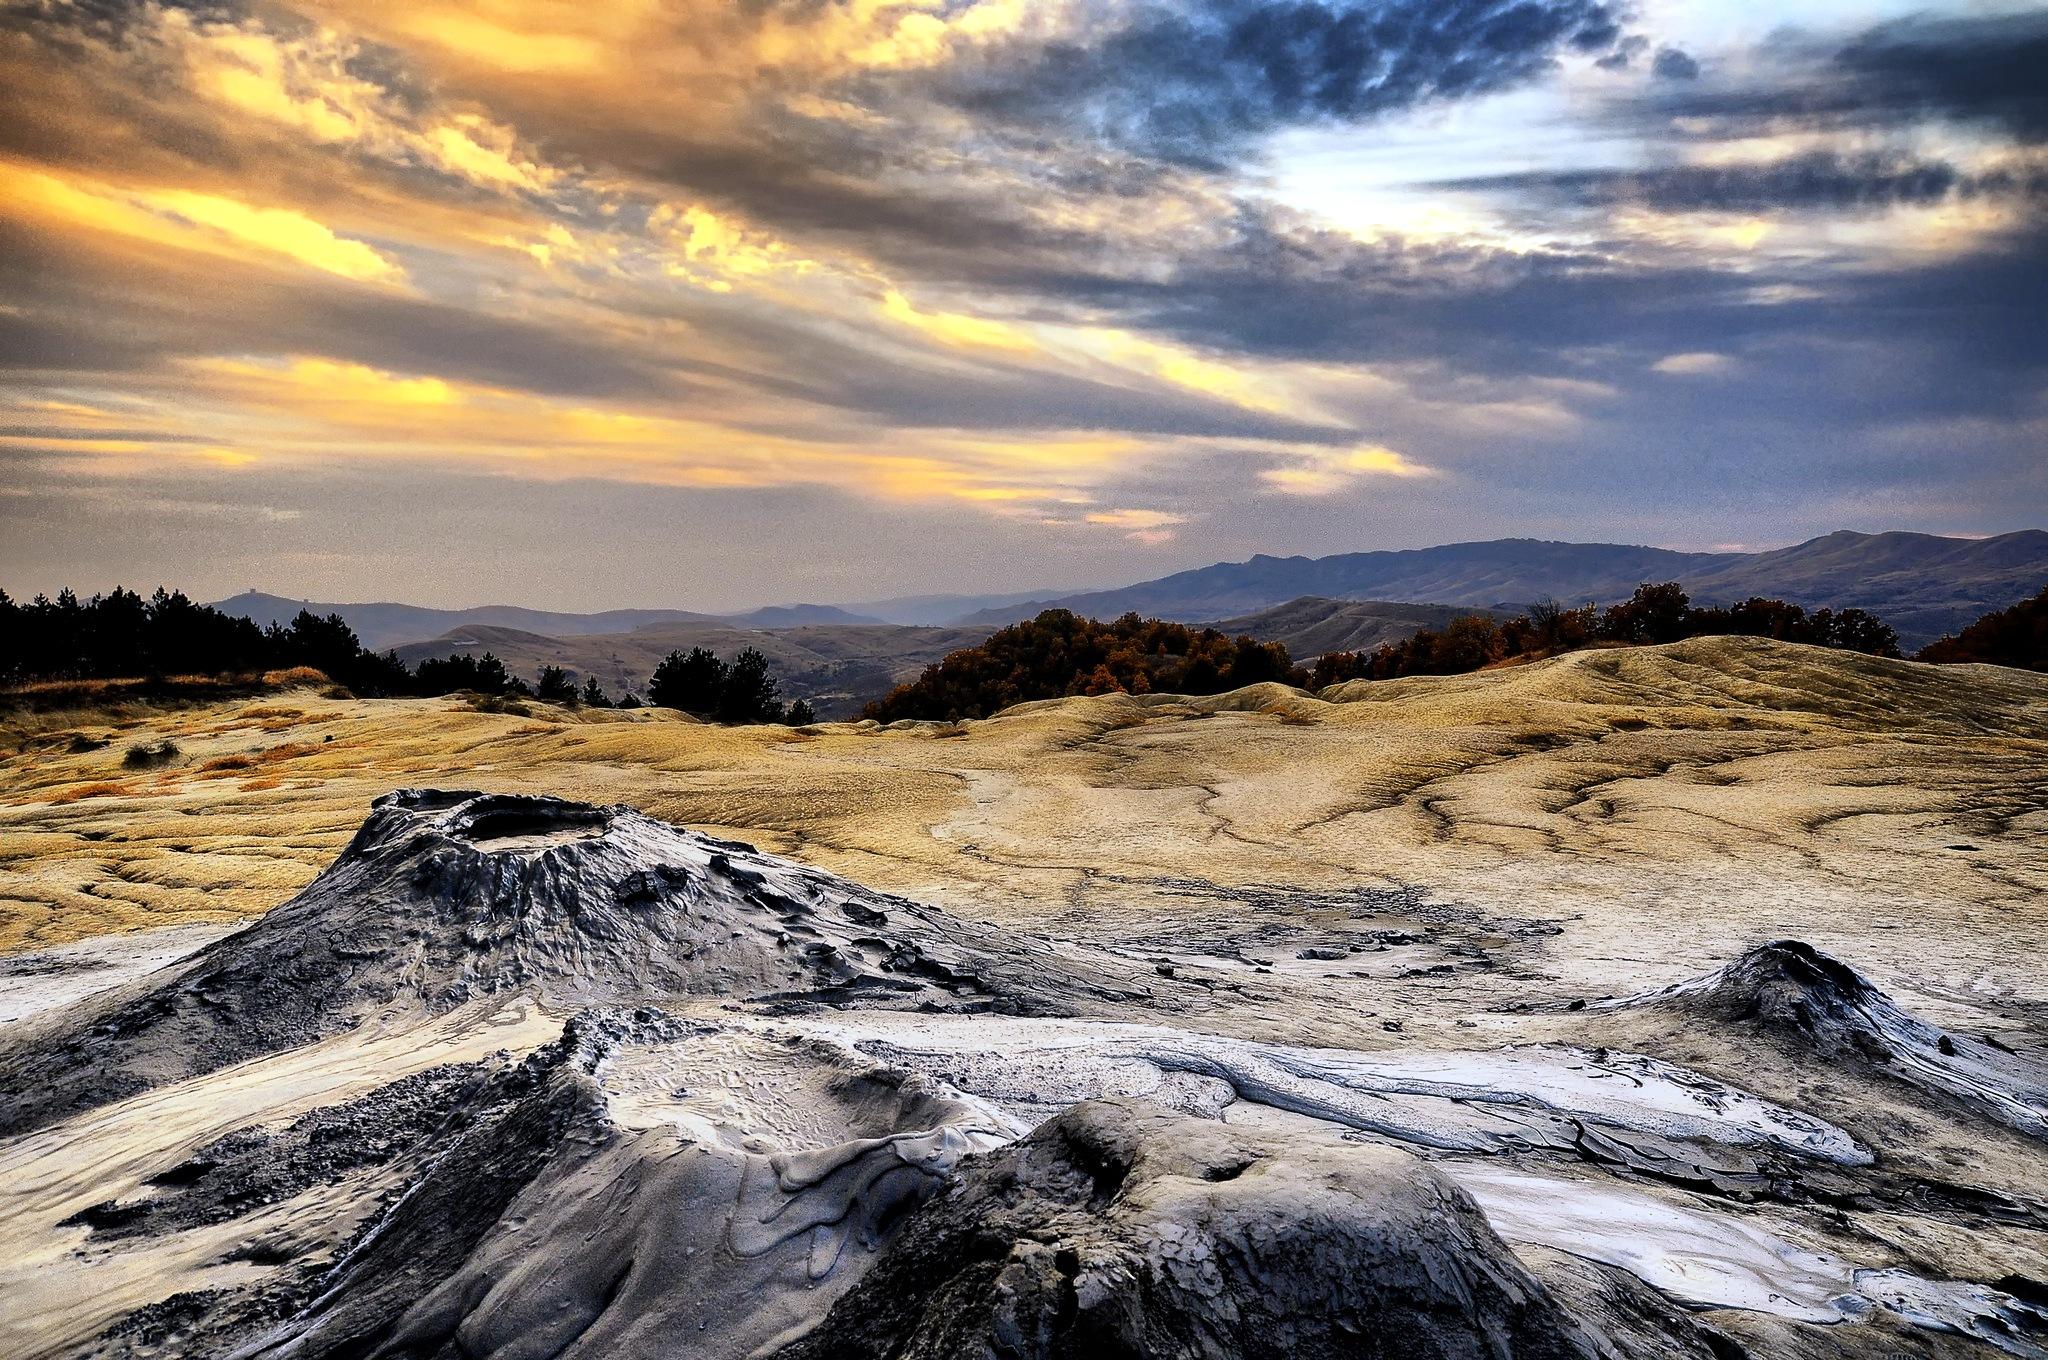 Vulcanii Noroiosi de la Berca (Buzau)